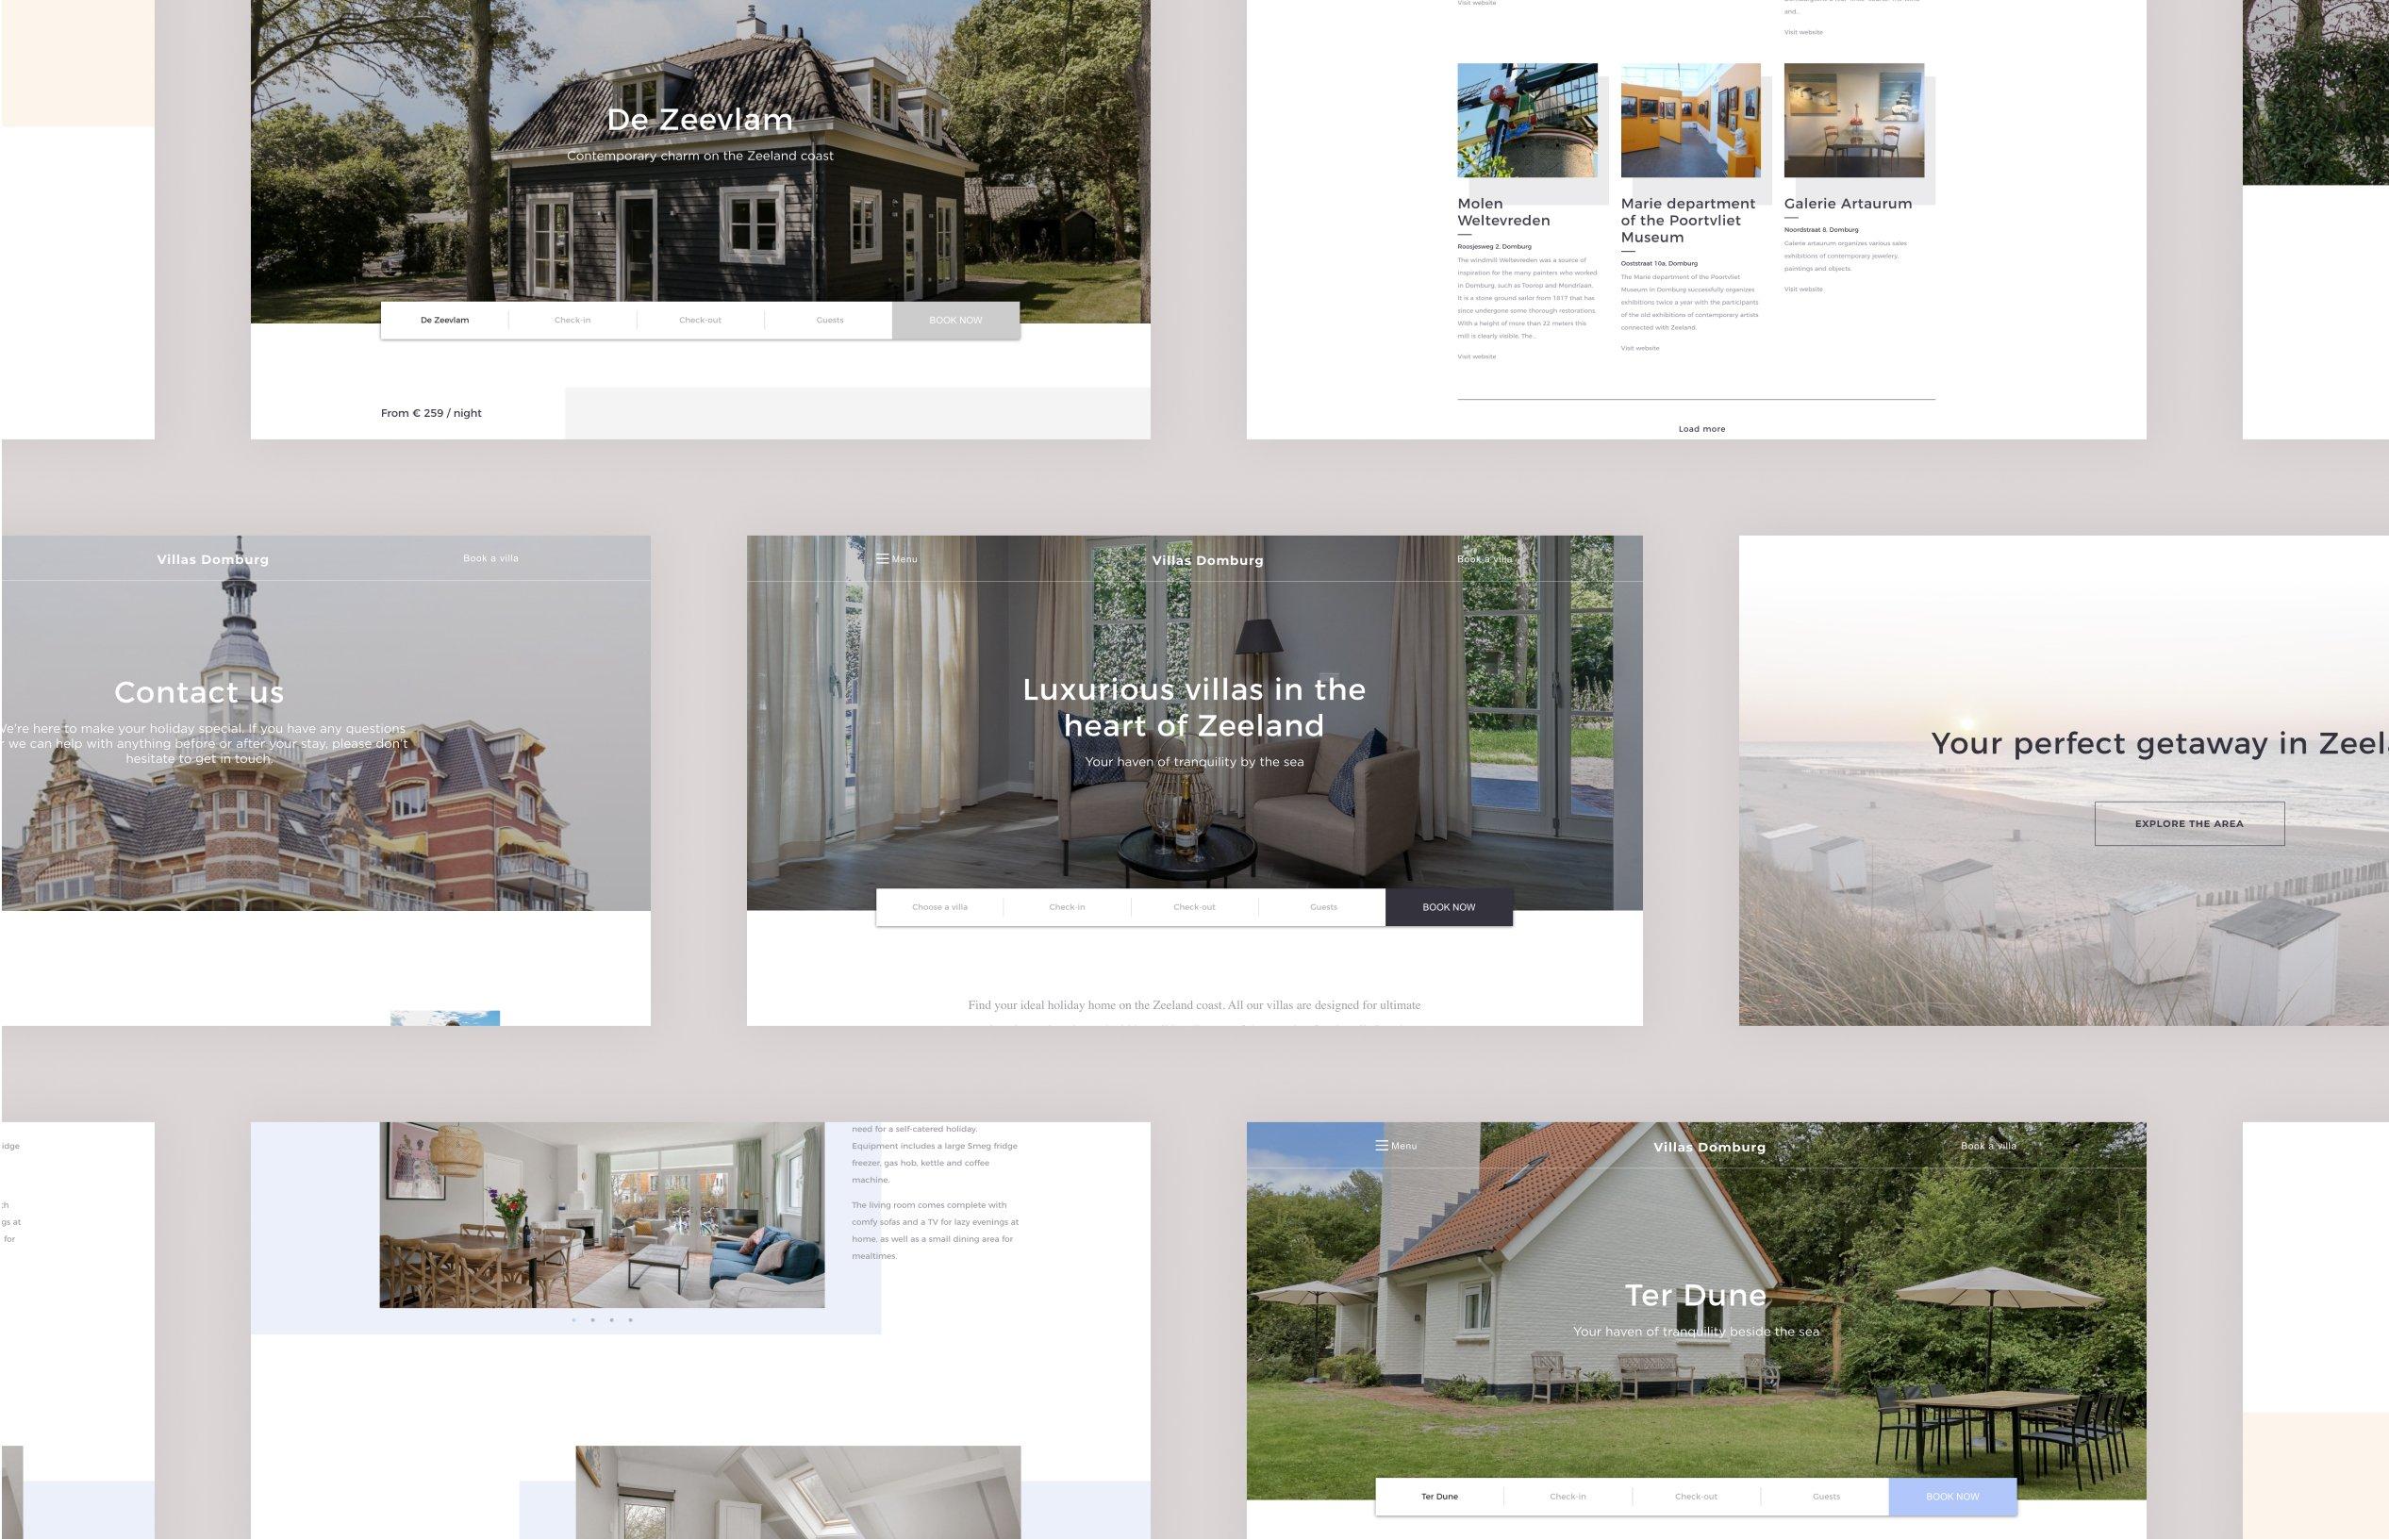 Villa Domburg website - Desktop view